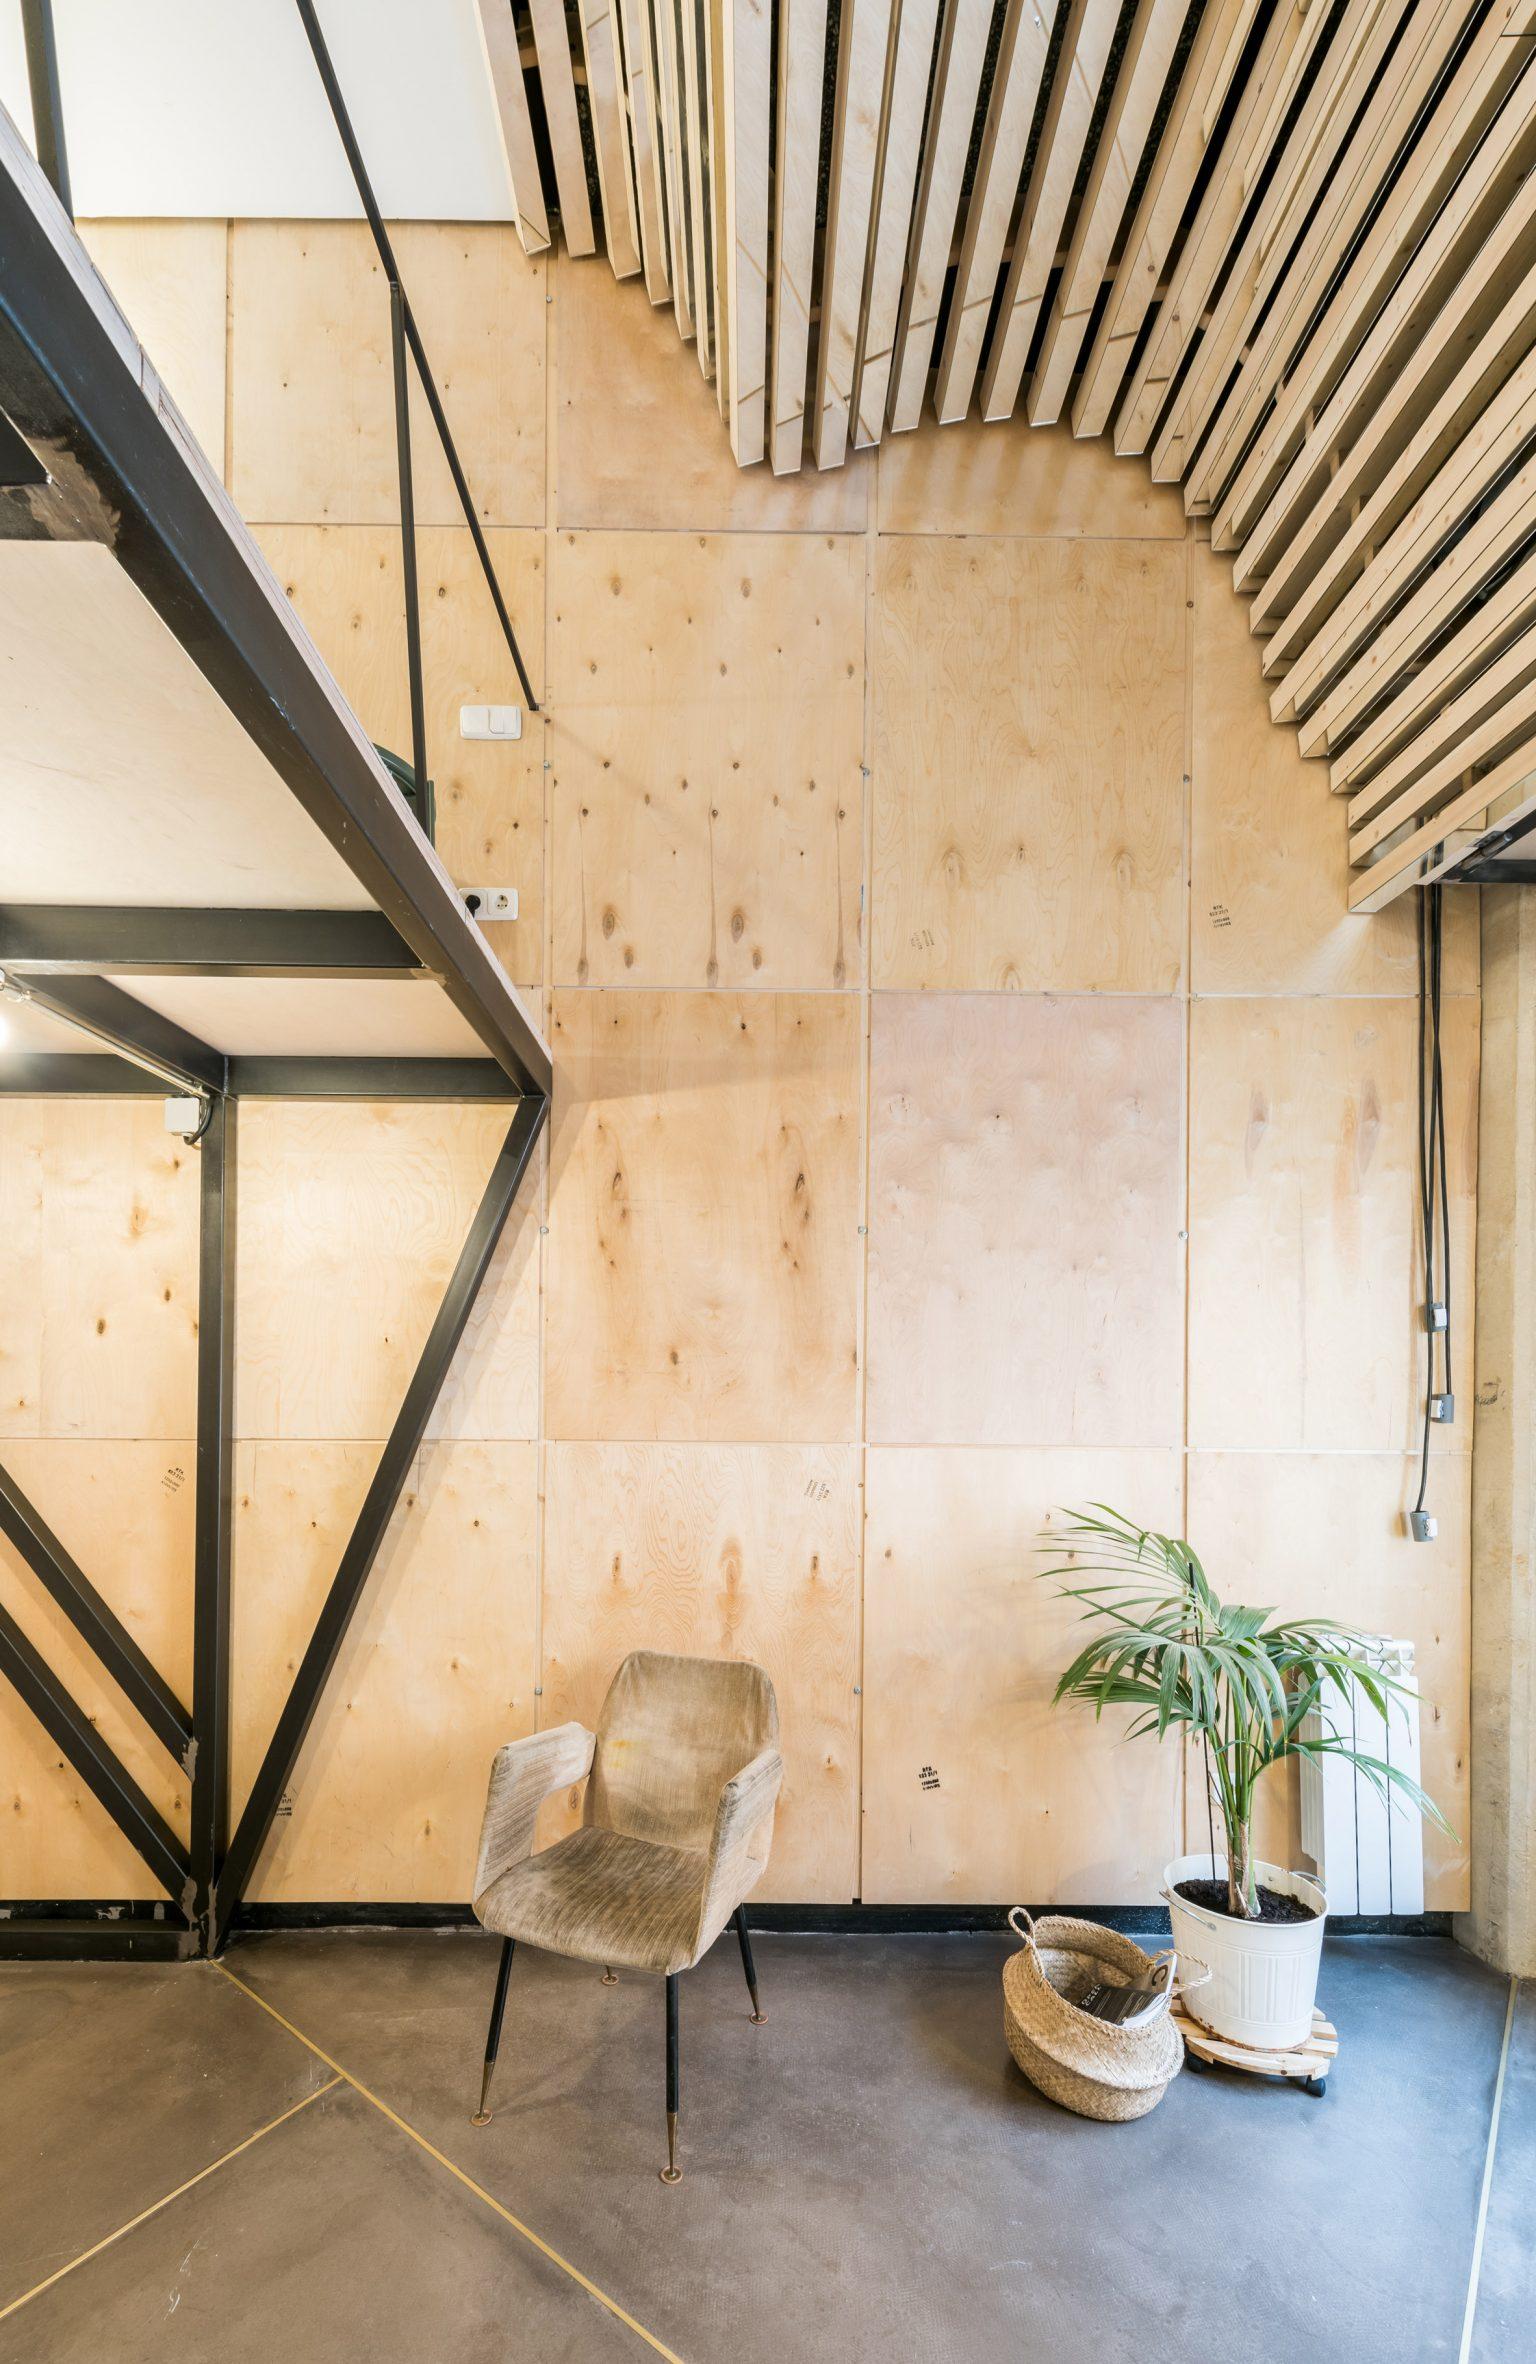 Wooden slats in Madrid flat